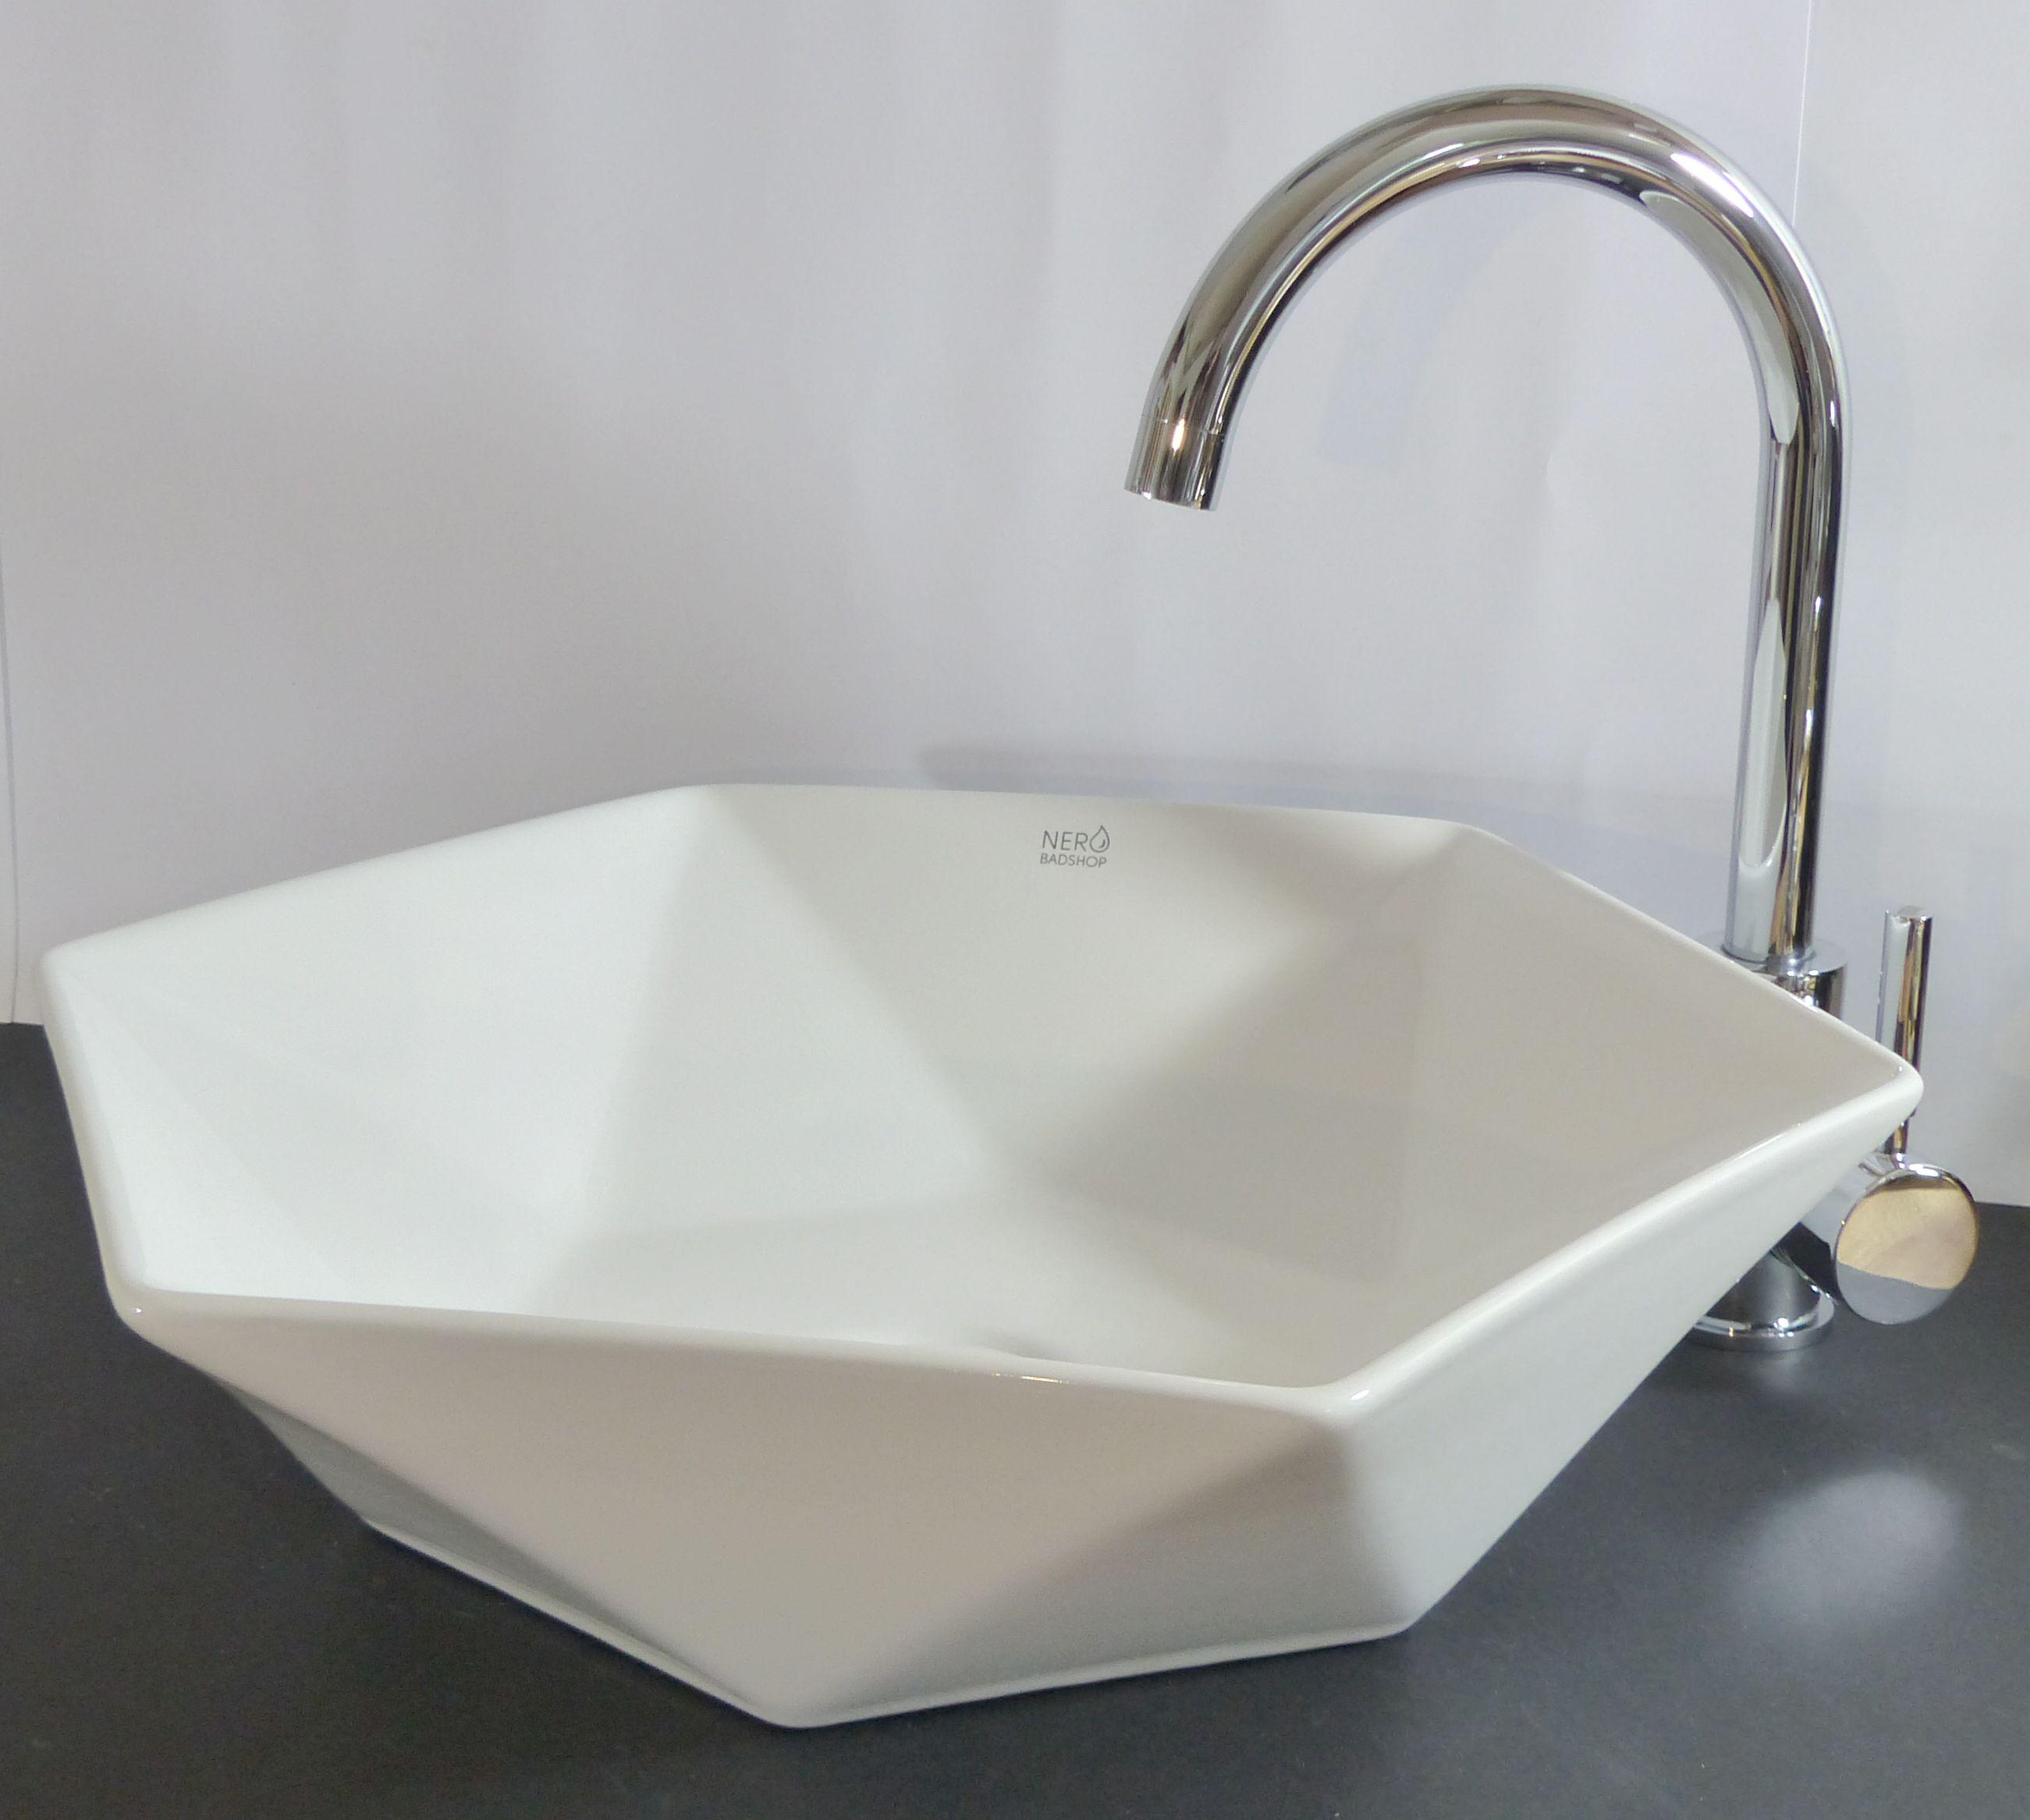 Waschbecken rund  Nero Badshop | Keramik Aufsatz Waschbecken rund eckig | online kaufen